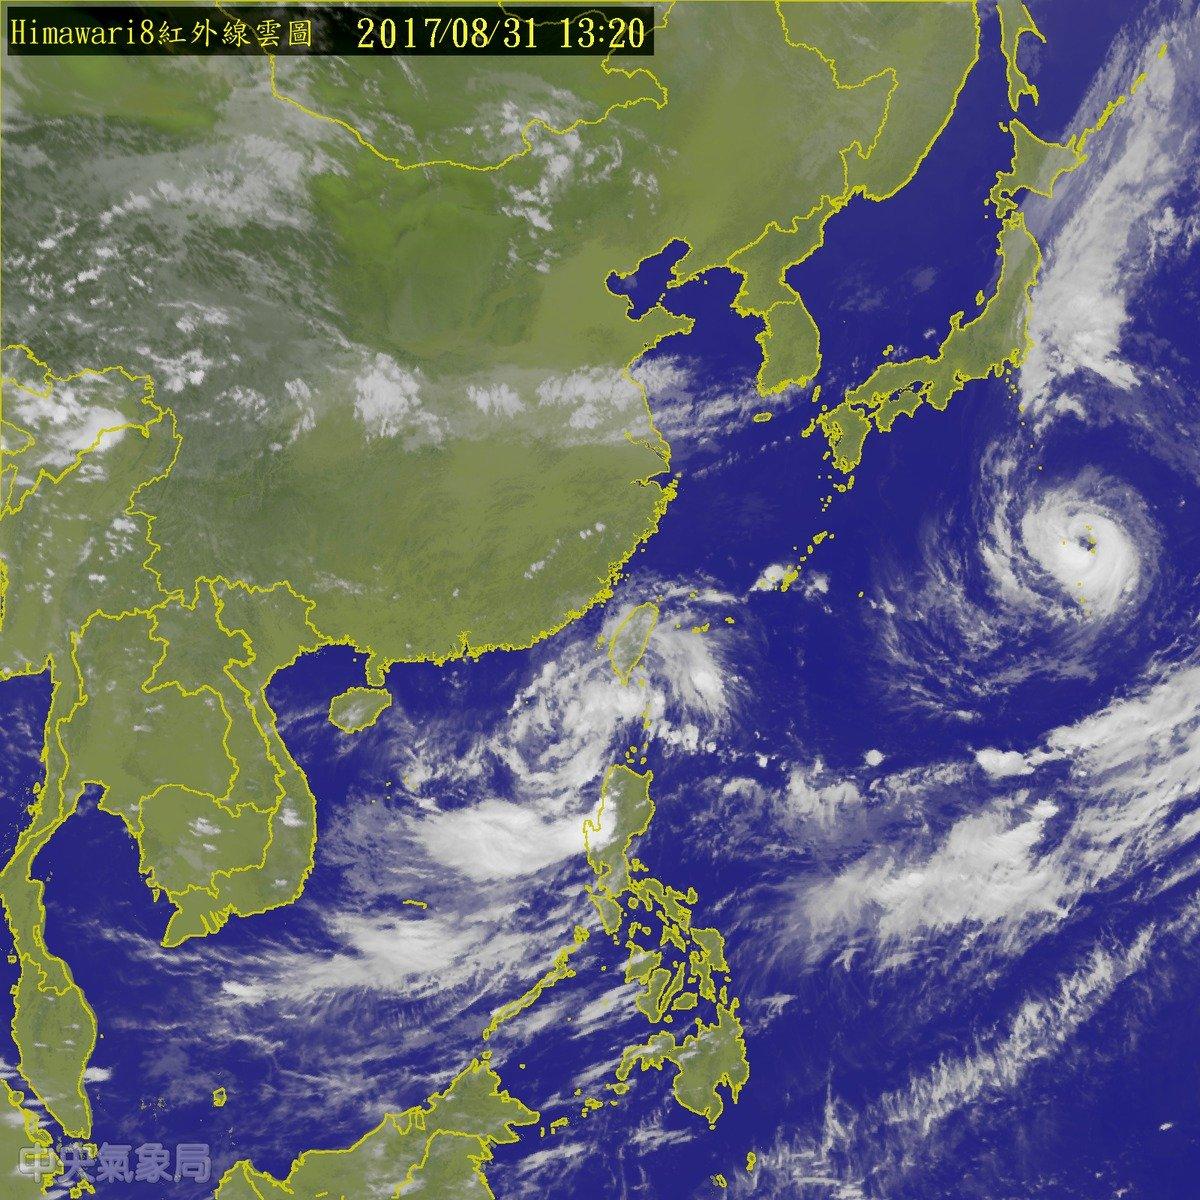 今年第16號颱風瑪娃 最快晚間形成